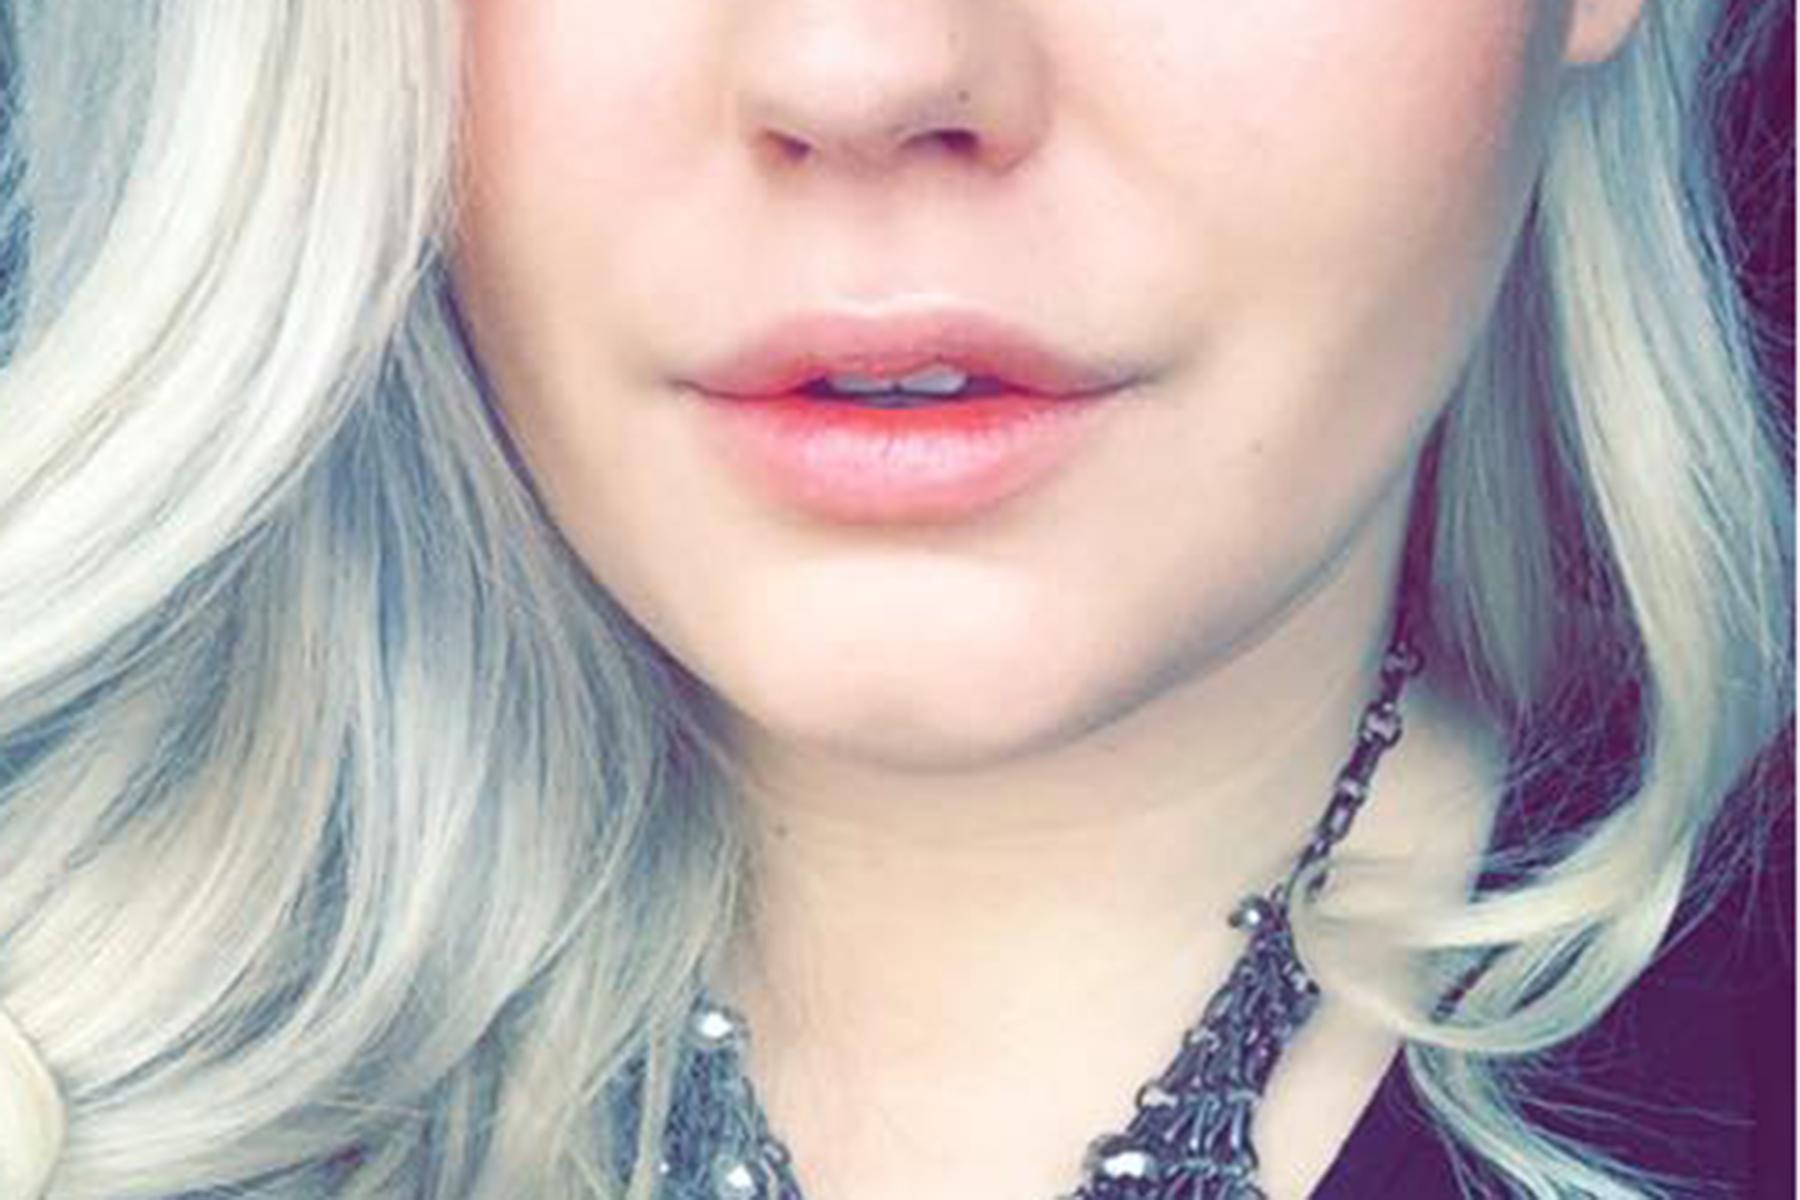 Läppförstoring Stylage M Amandahans skönhetsblogg före efter bild